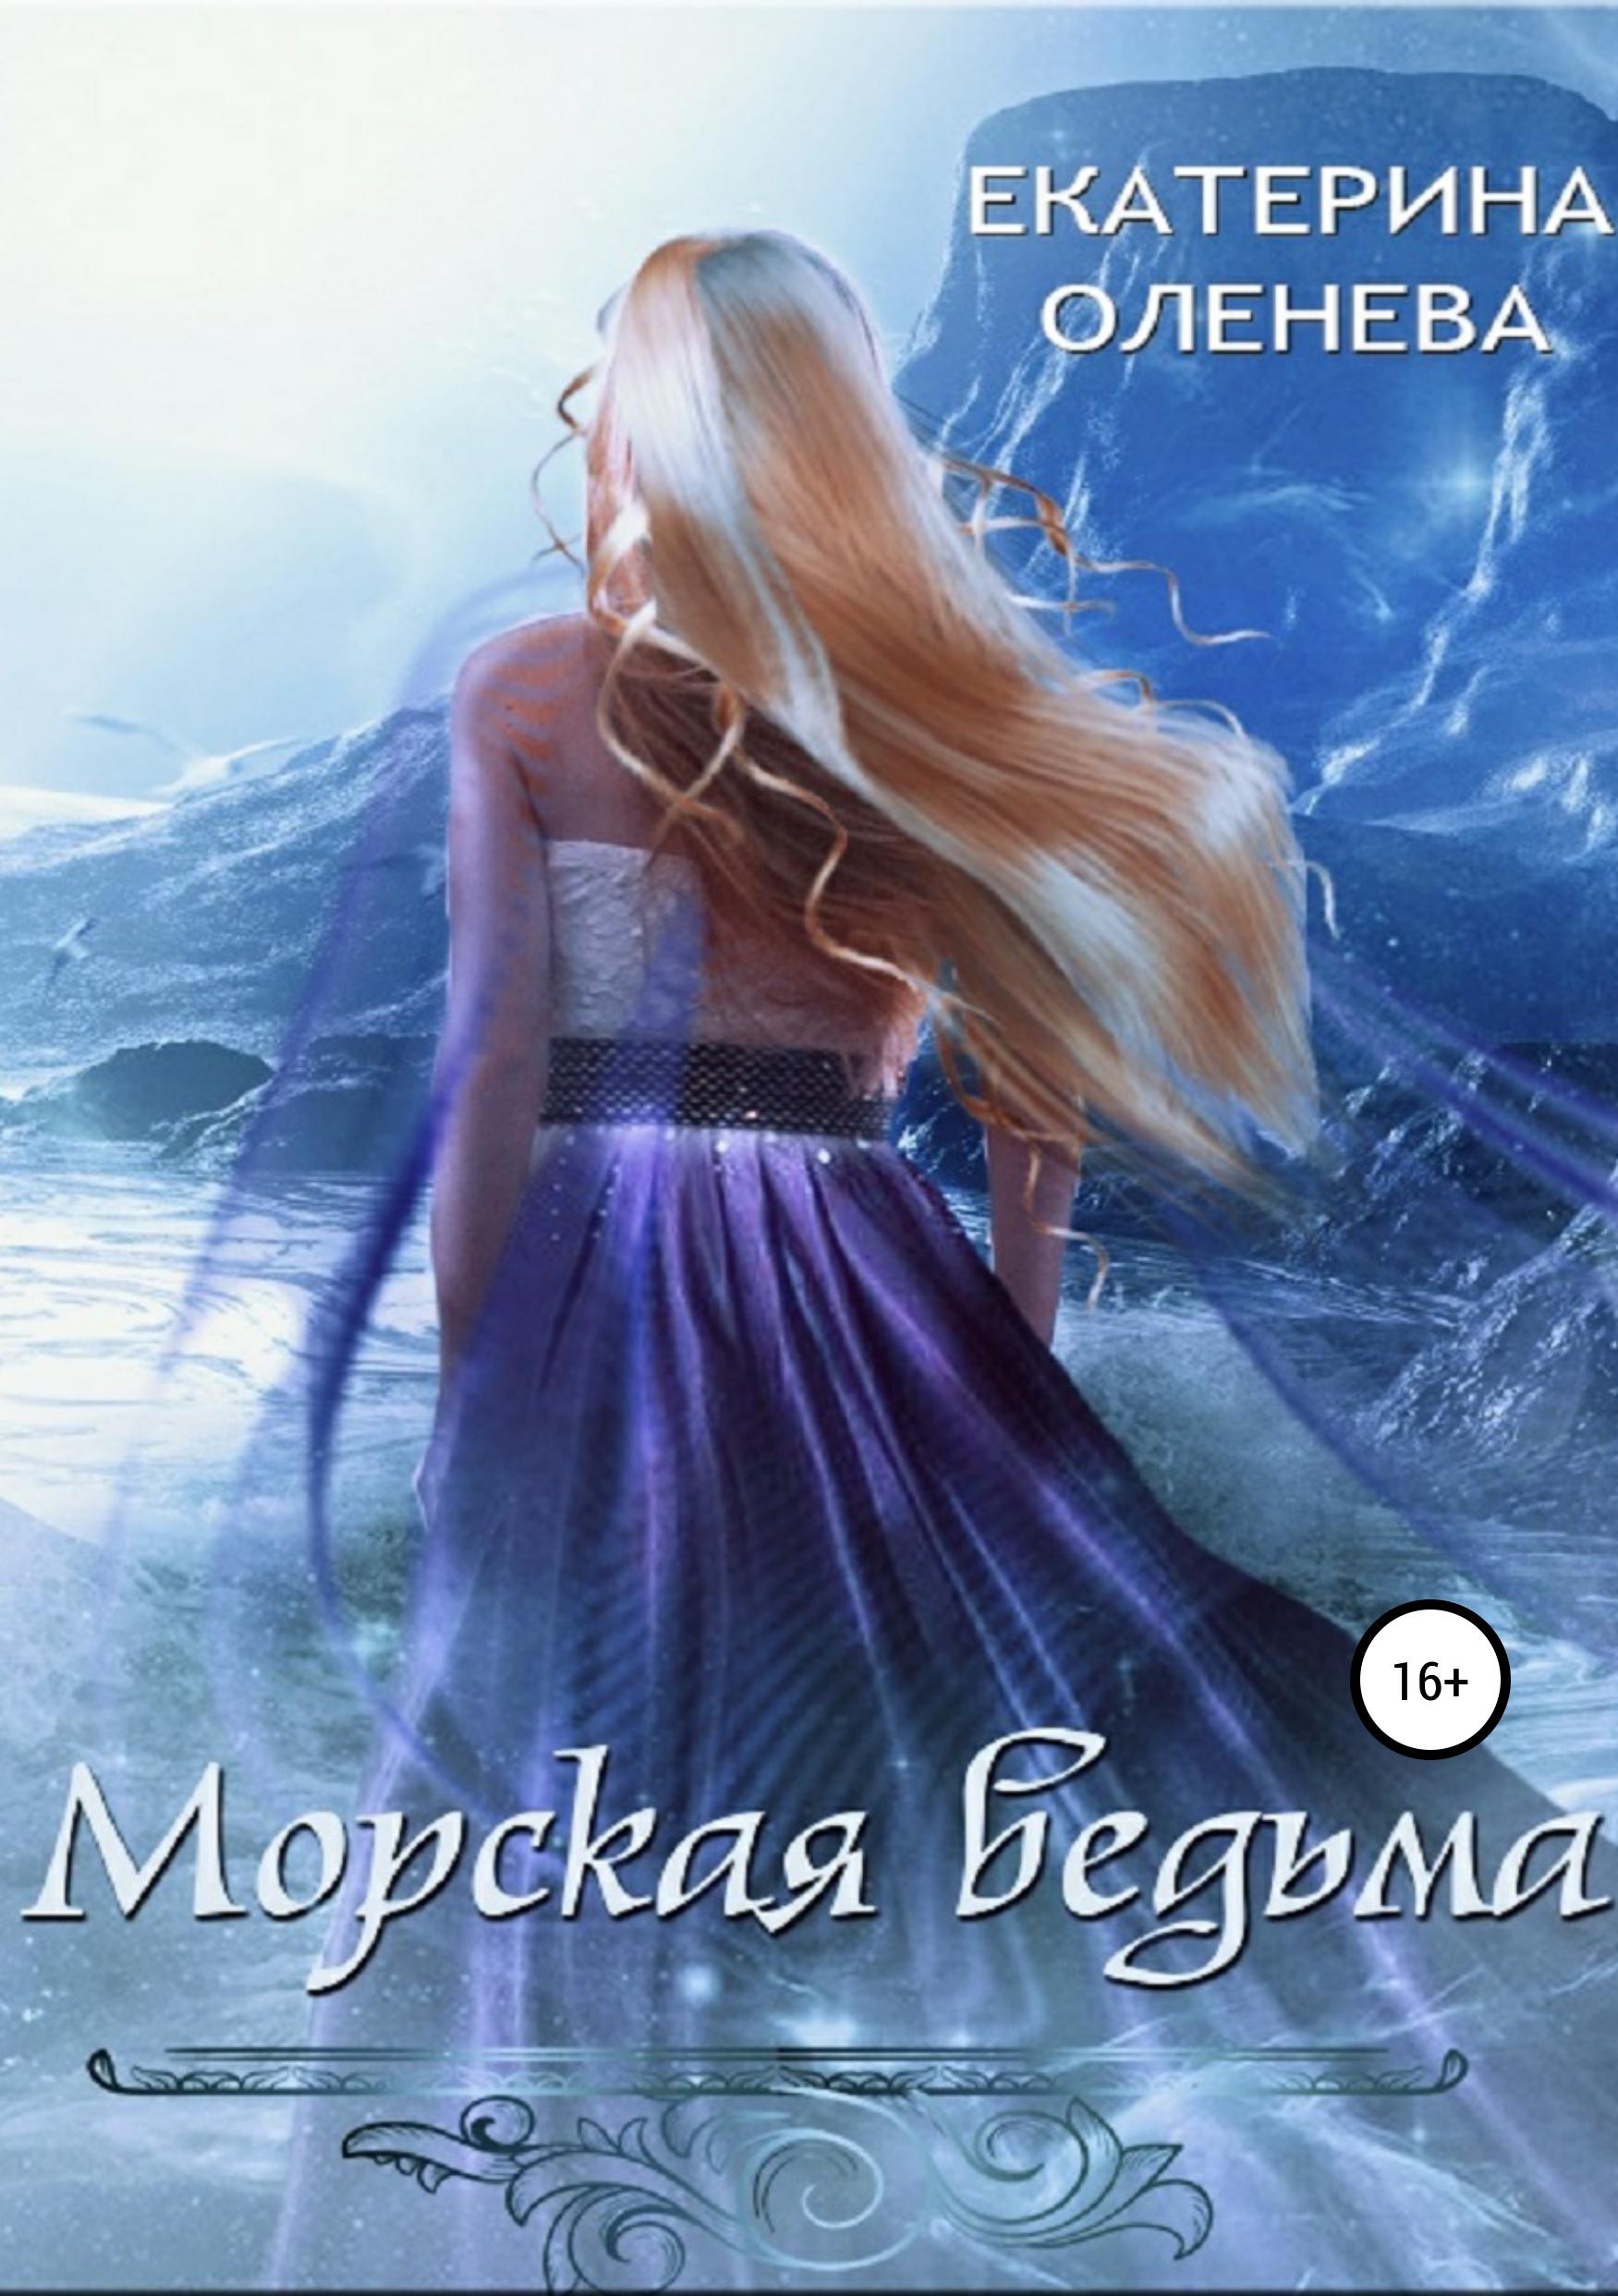 Екатерина Оленева Морская ведьма